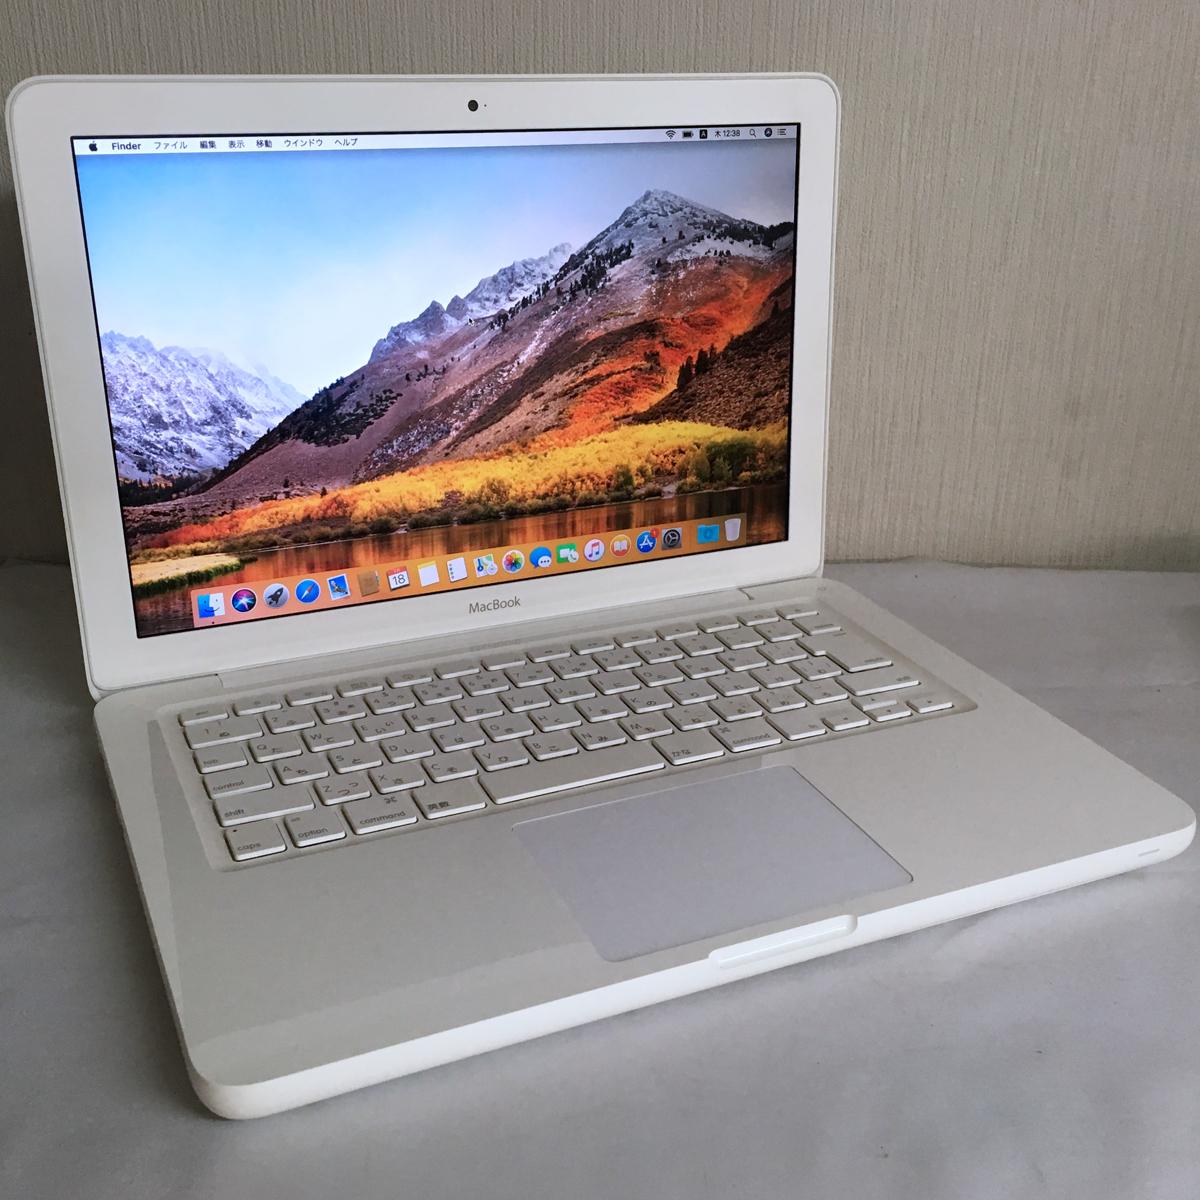 ◆送料無料◆バッテリー新品◆MacBook Mid2010■Core 2 Duo2.4GHz■4GB■250GB■MC516J/A■A1342■